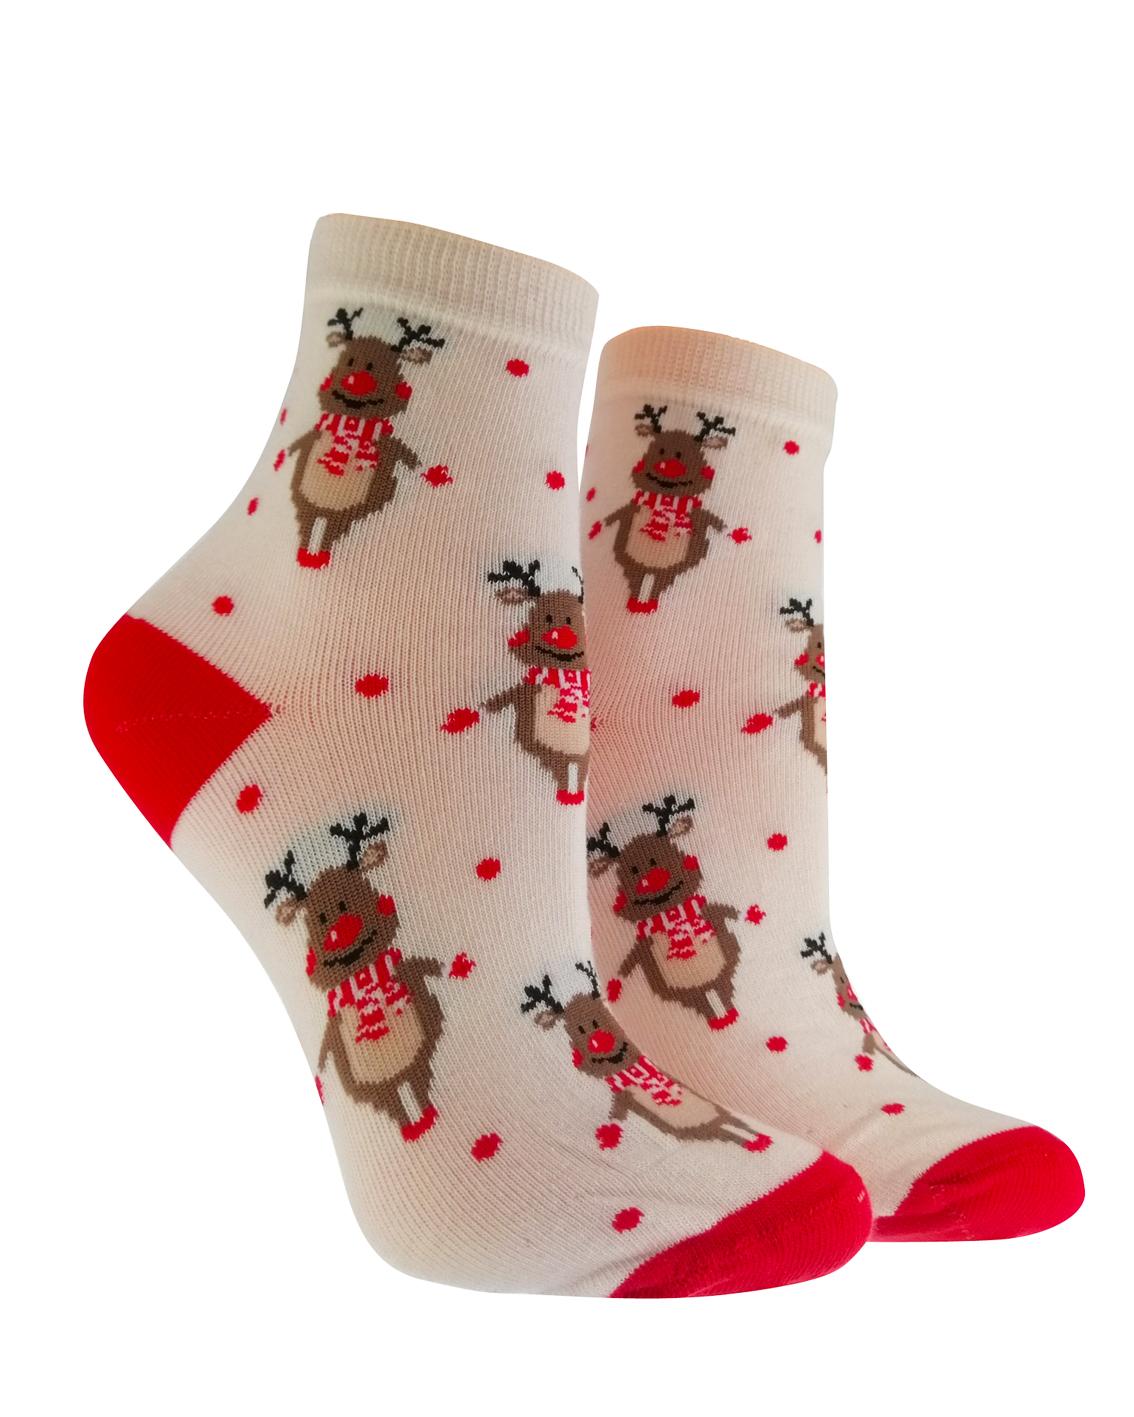 Skarpetki dziecięce marki milena linia avangard na Święta Bożego Narodzenia. Wzór renifer